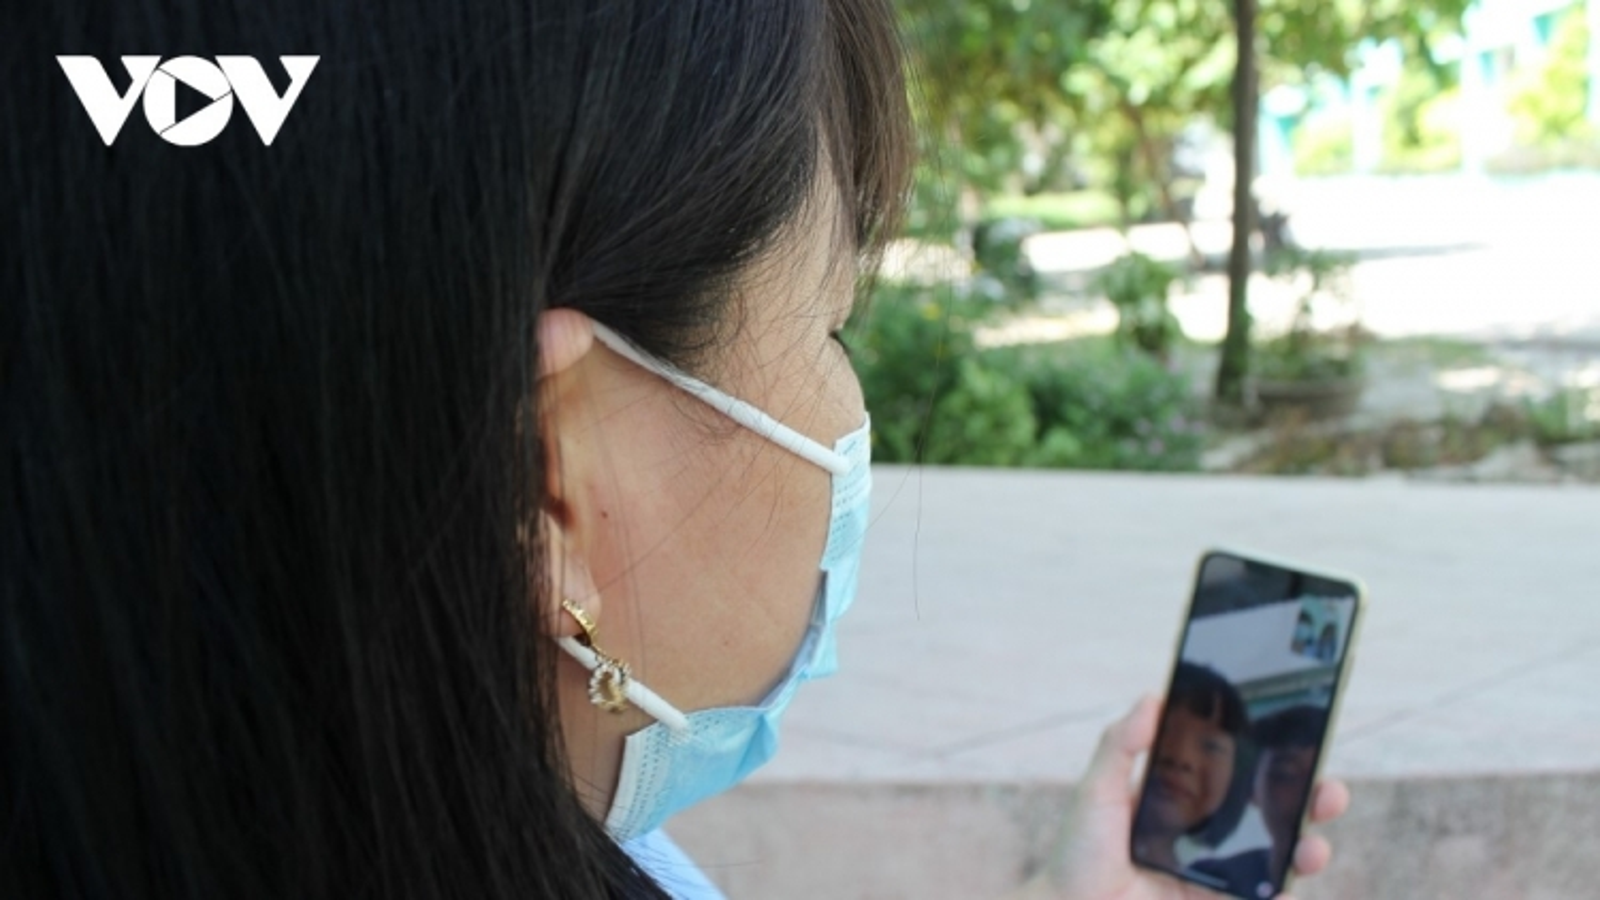 Cần cơ chế kiểm soát mạng xã hội để giảm tác động tiêu cực đến gia đình